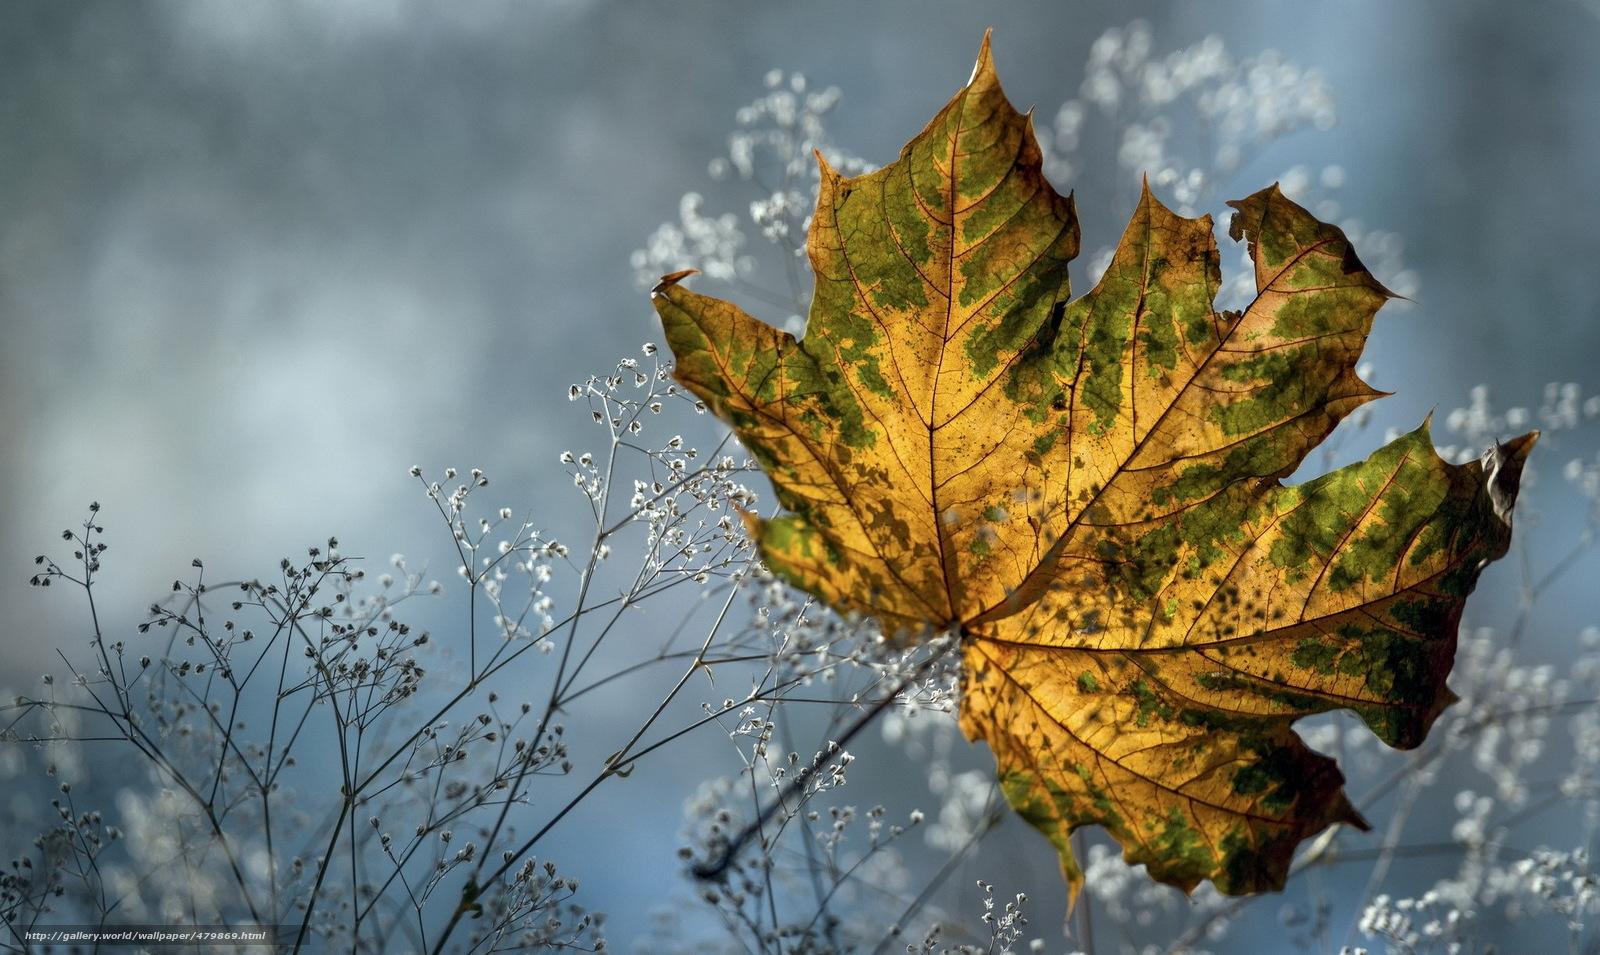 Скачать обои осень,  сухая трава,  лист кленовый бесплатно для рабочего стола в разрешении 2048x1222 — картинка №479869